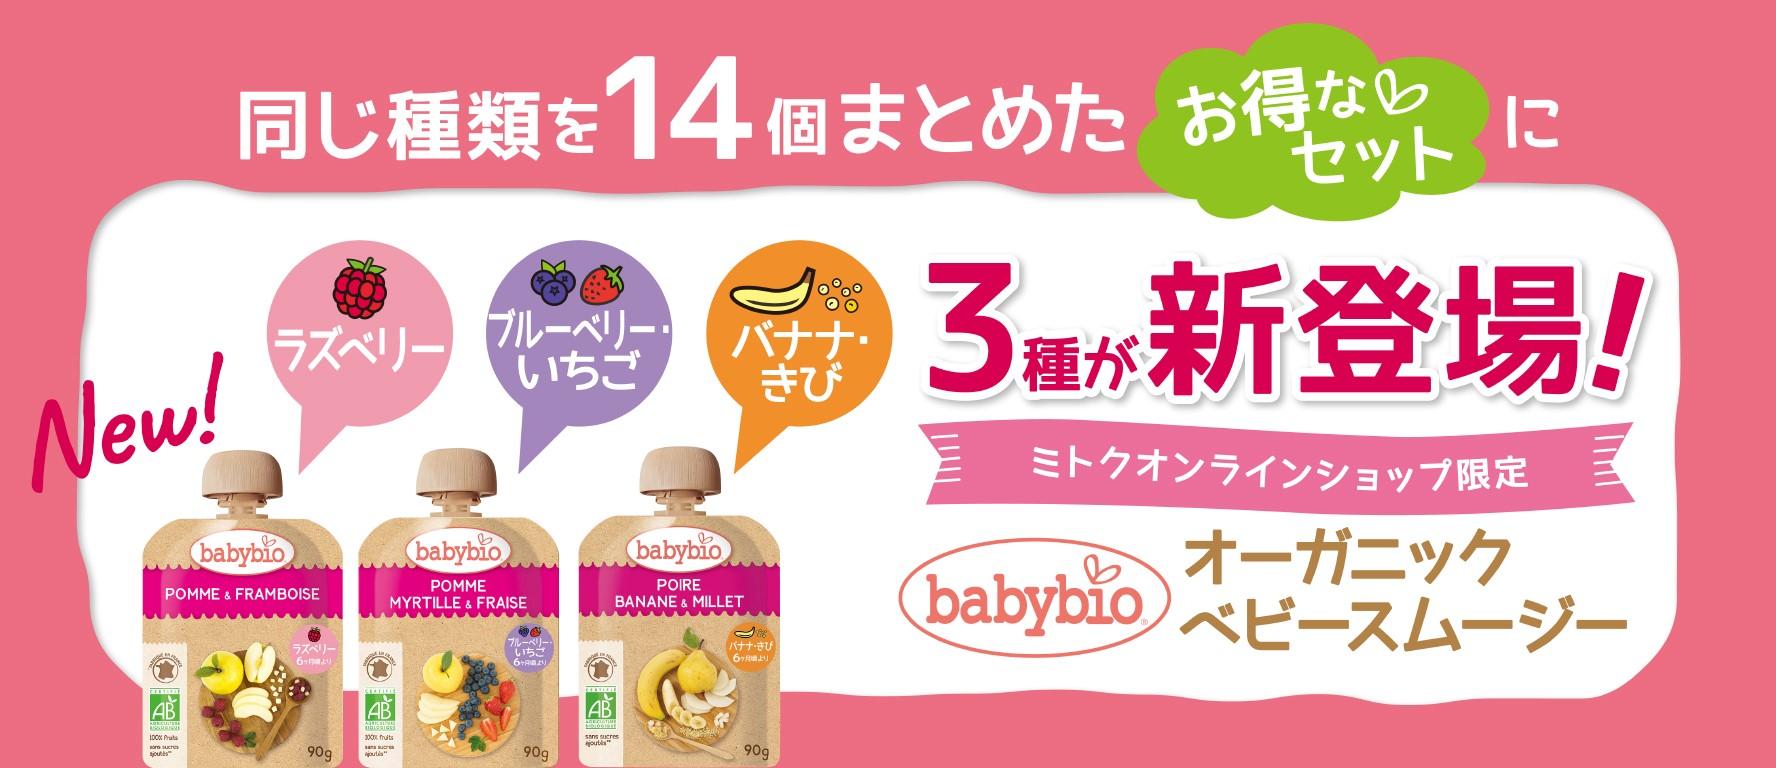 ビオルグ オートミール&ミューズリー 新発売!